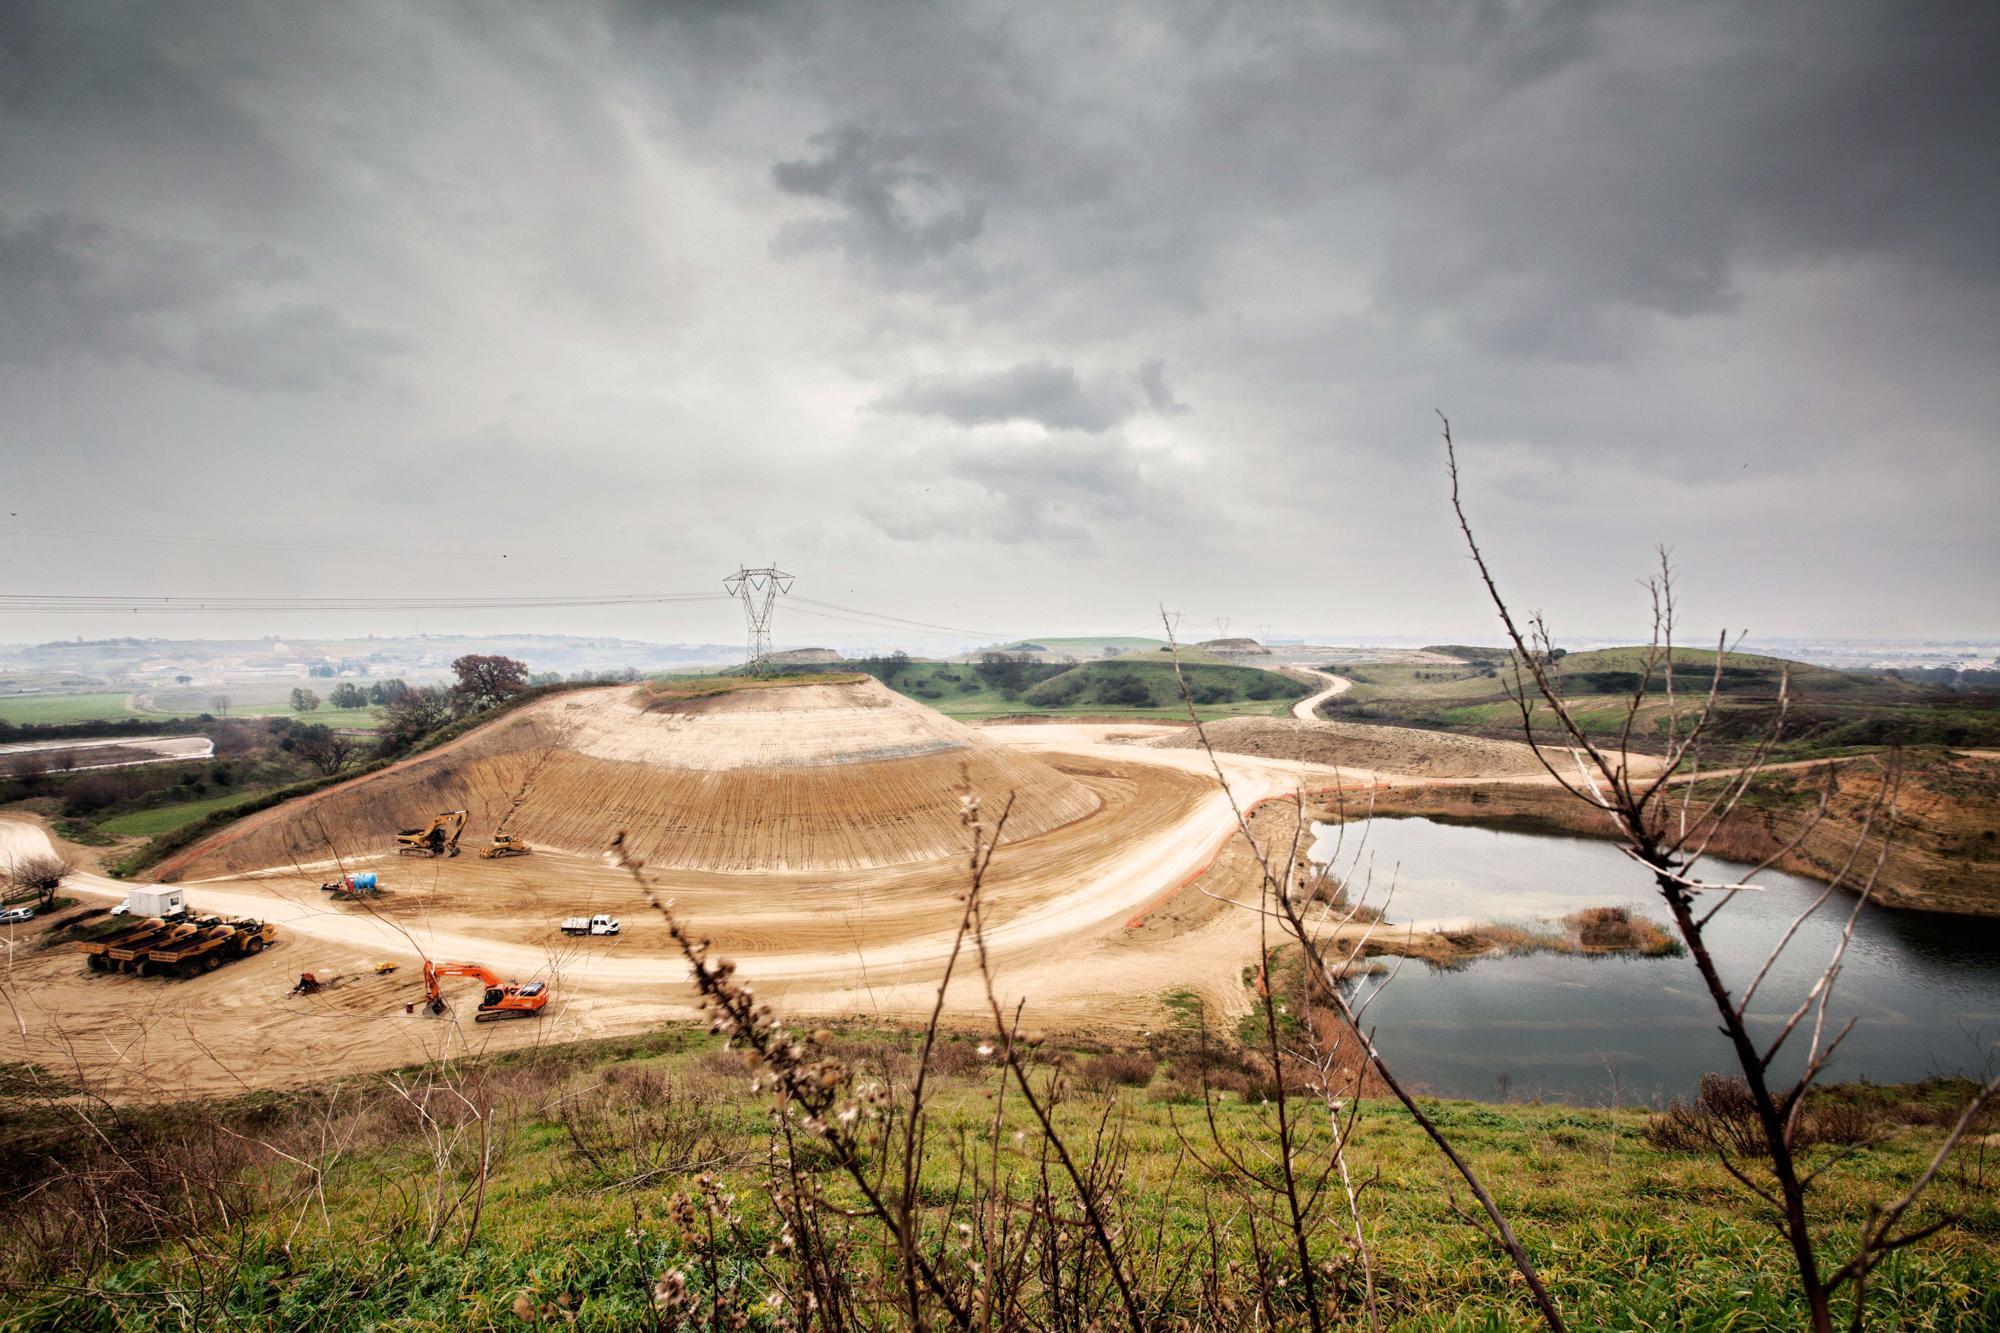 Gli scavi del nuovo sito dei monti dell'ortaccio raggiungono la falda acquifera